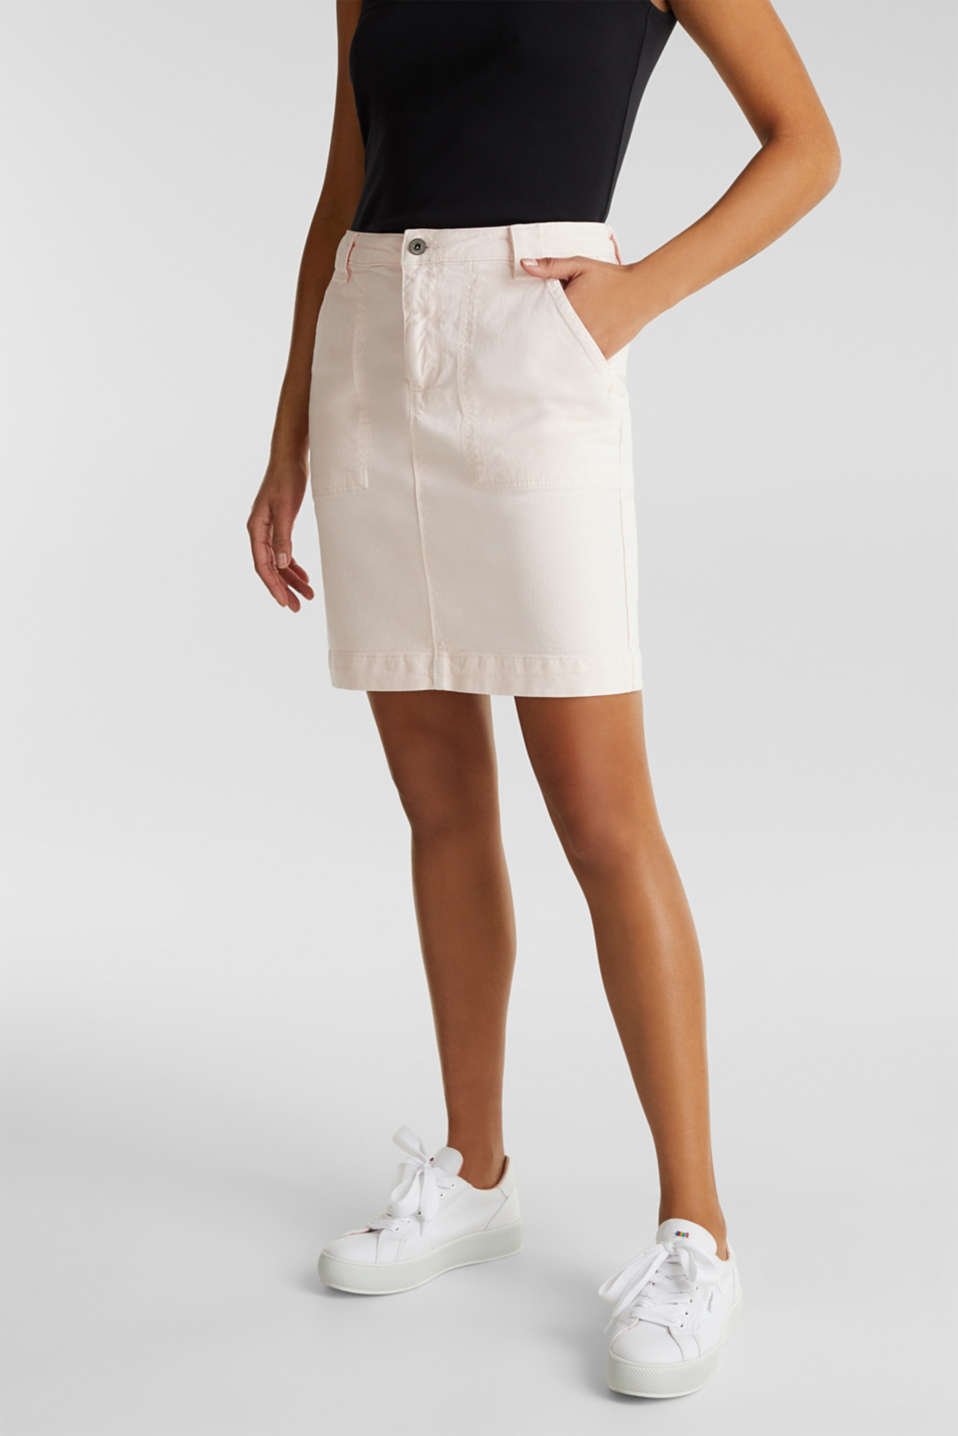 Denim skirt with pockets, PINK, detail image number 4